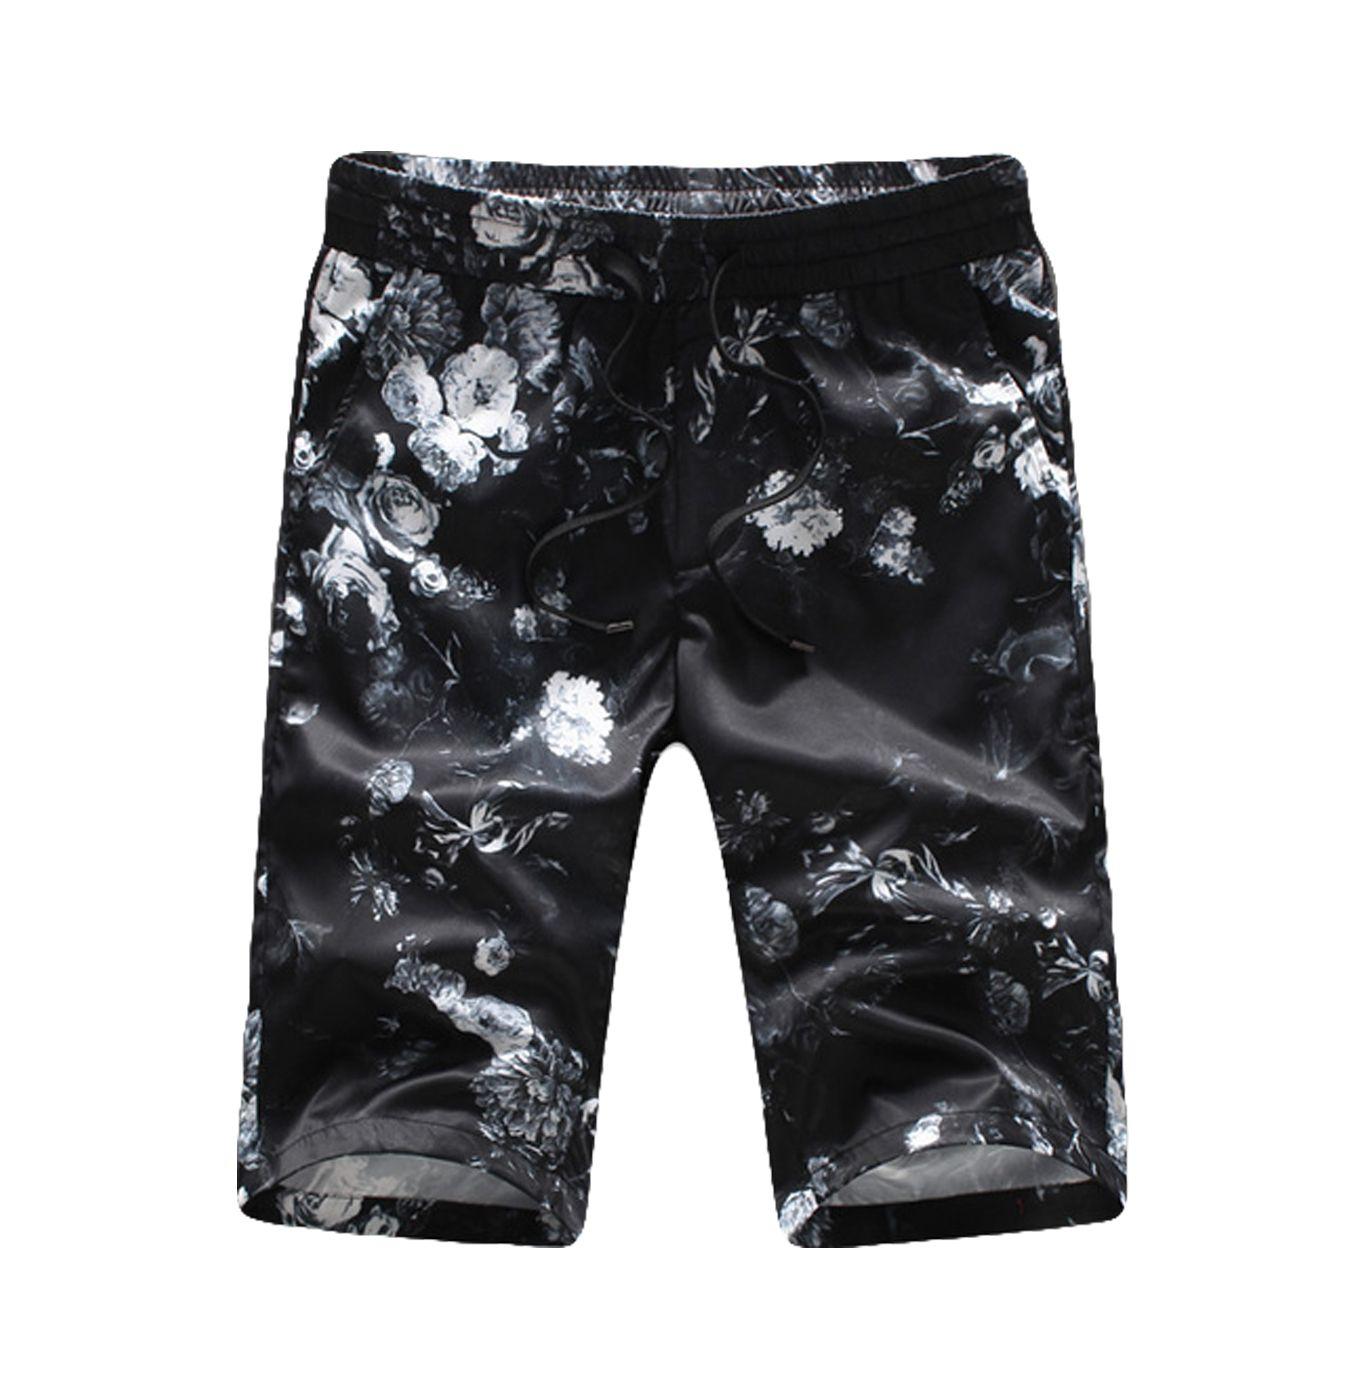 White Black Subtle Floral Design Lightweight Summer Shorts